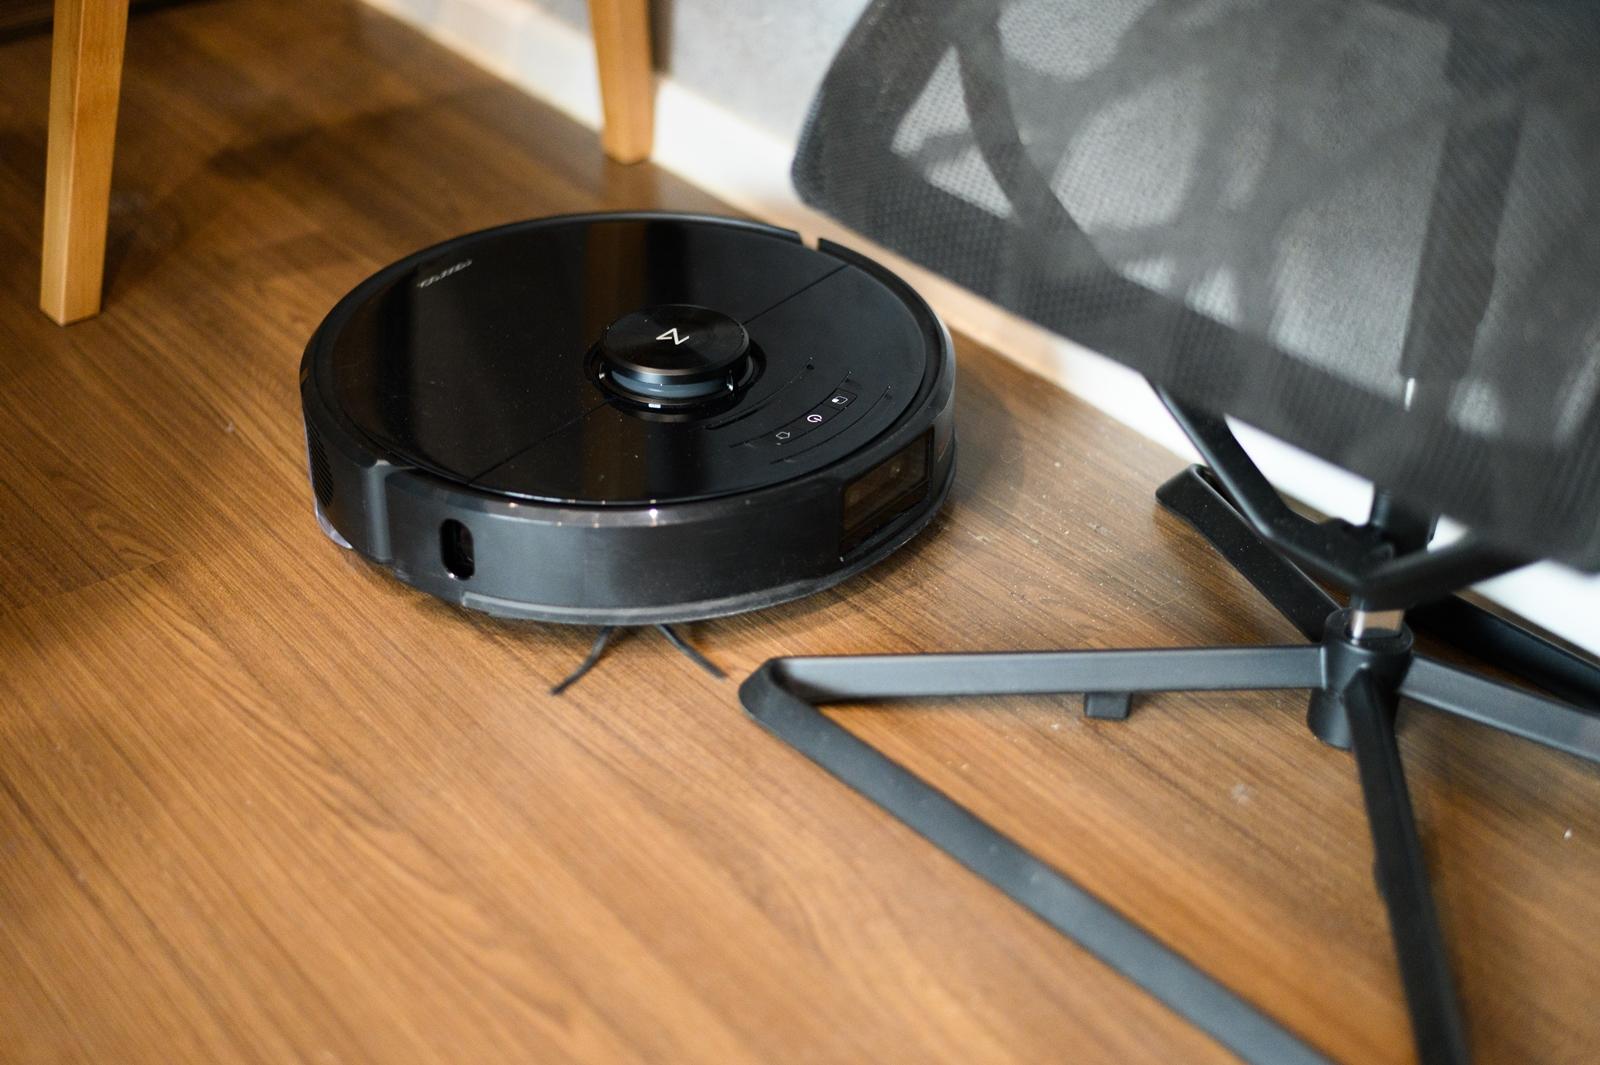 รีวิวหุ่นยนต์ดูดฝุ่น Roborock S6 MaxV